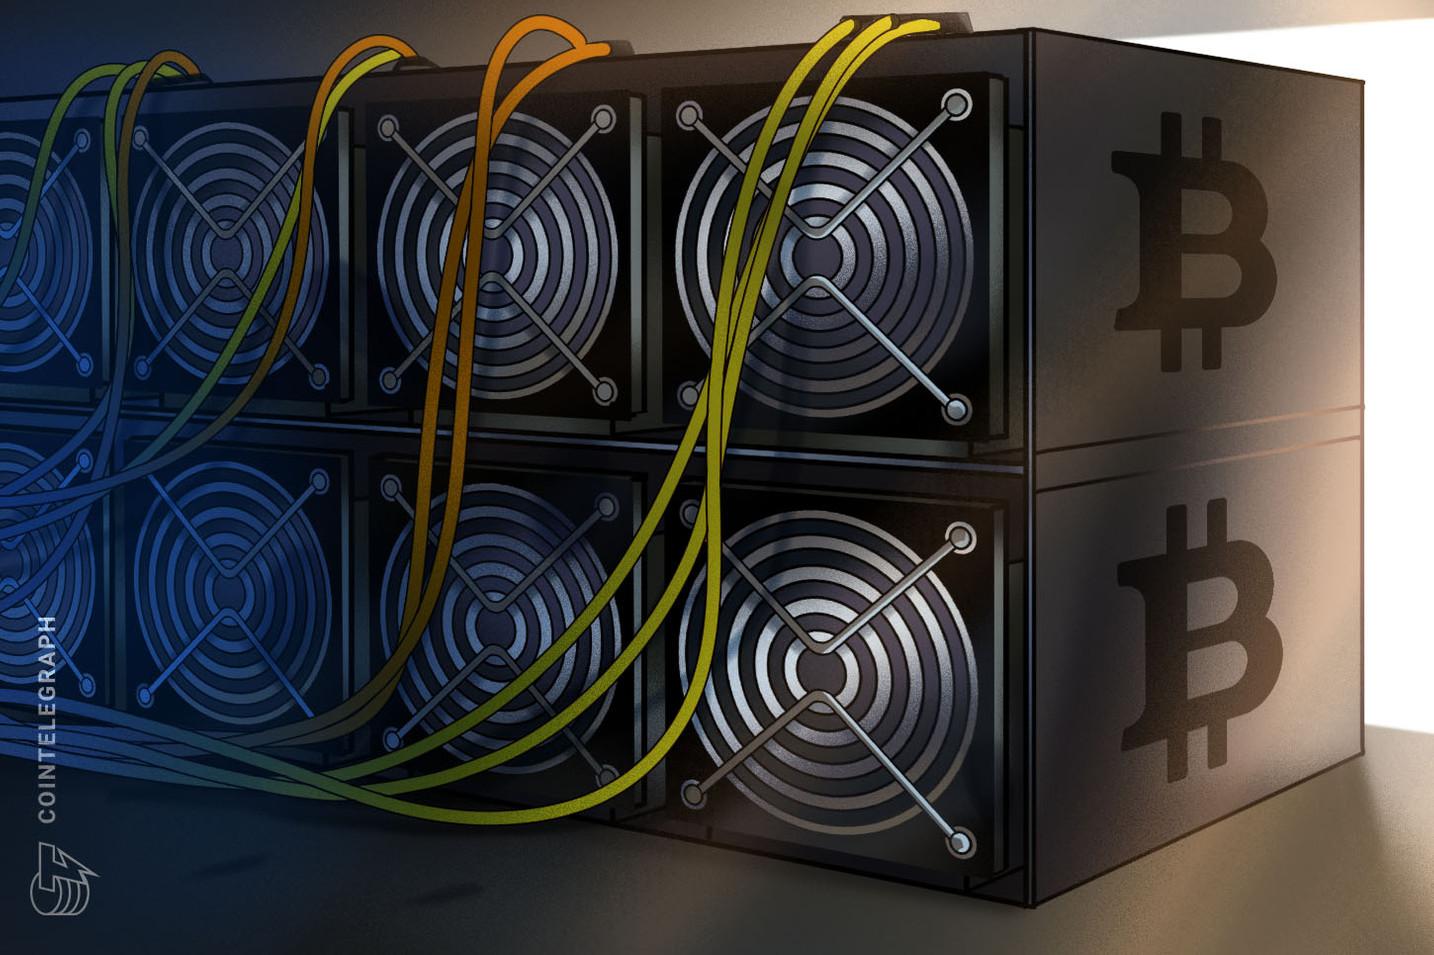 """Nace el """"Bitcoin Mining Council"""" tras la reunión de los mineros de BTC con Michael Saylor y Elon Musk"""